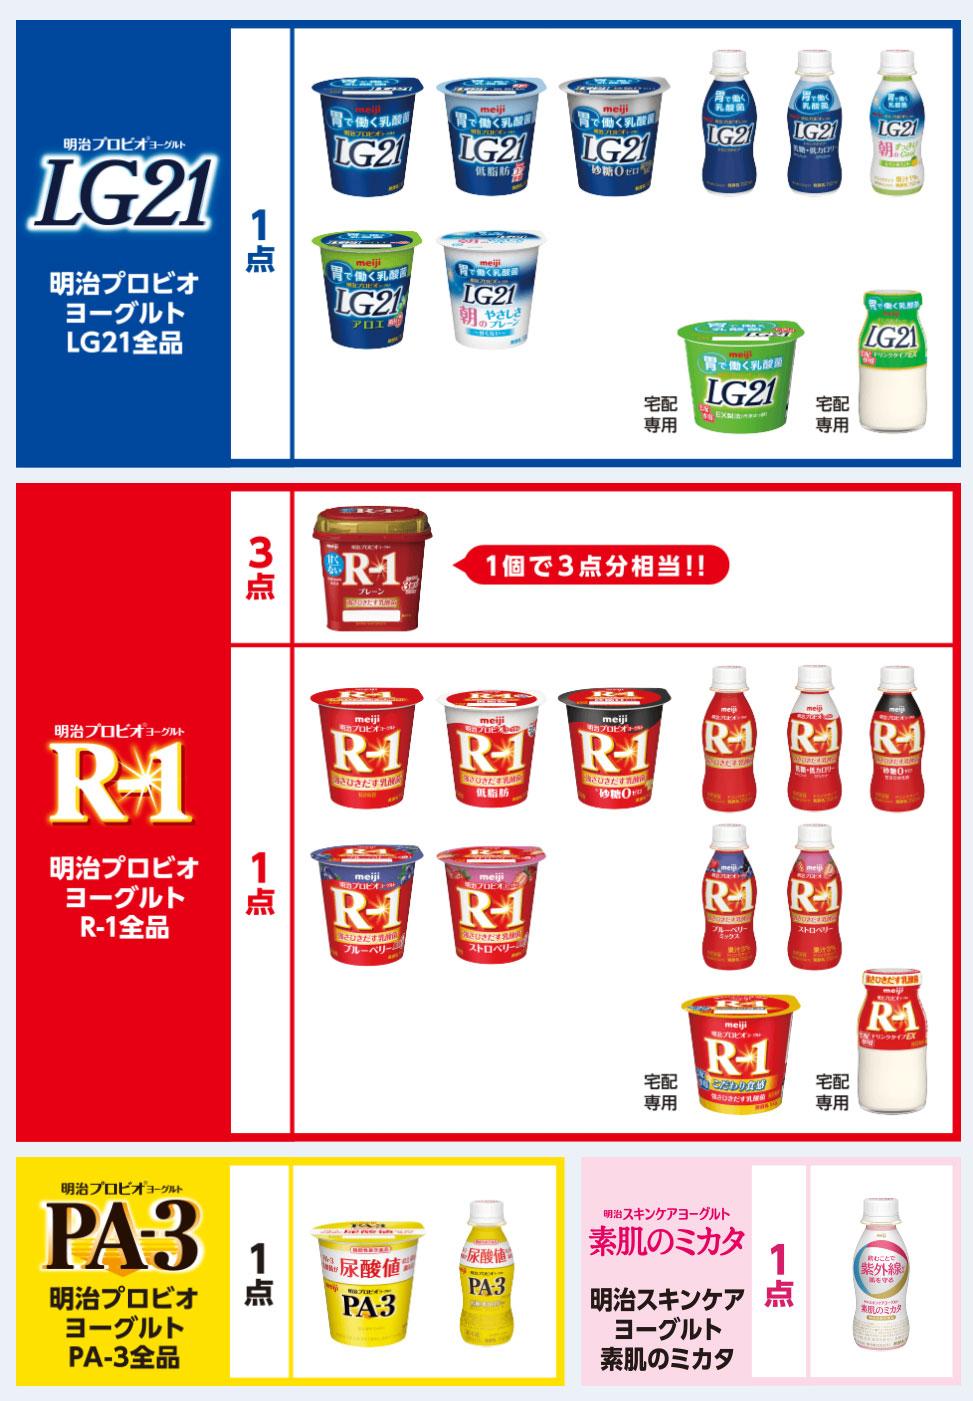 R1 LG21 PA3 懸賞キャンペーン2020~2021 対象商品